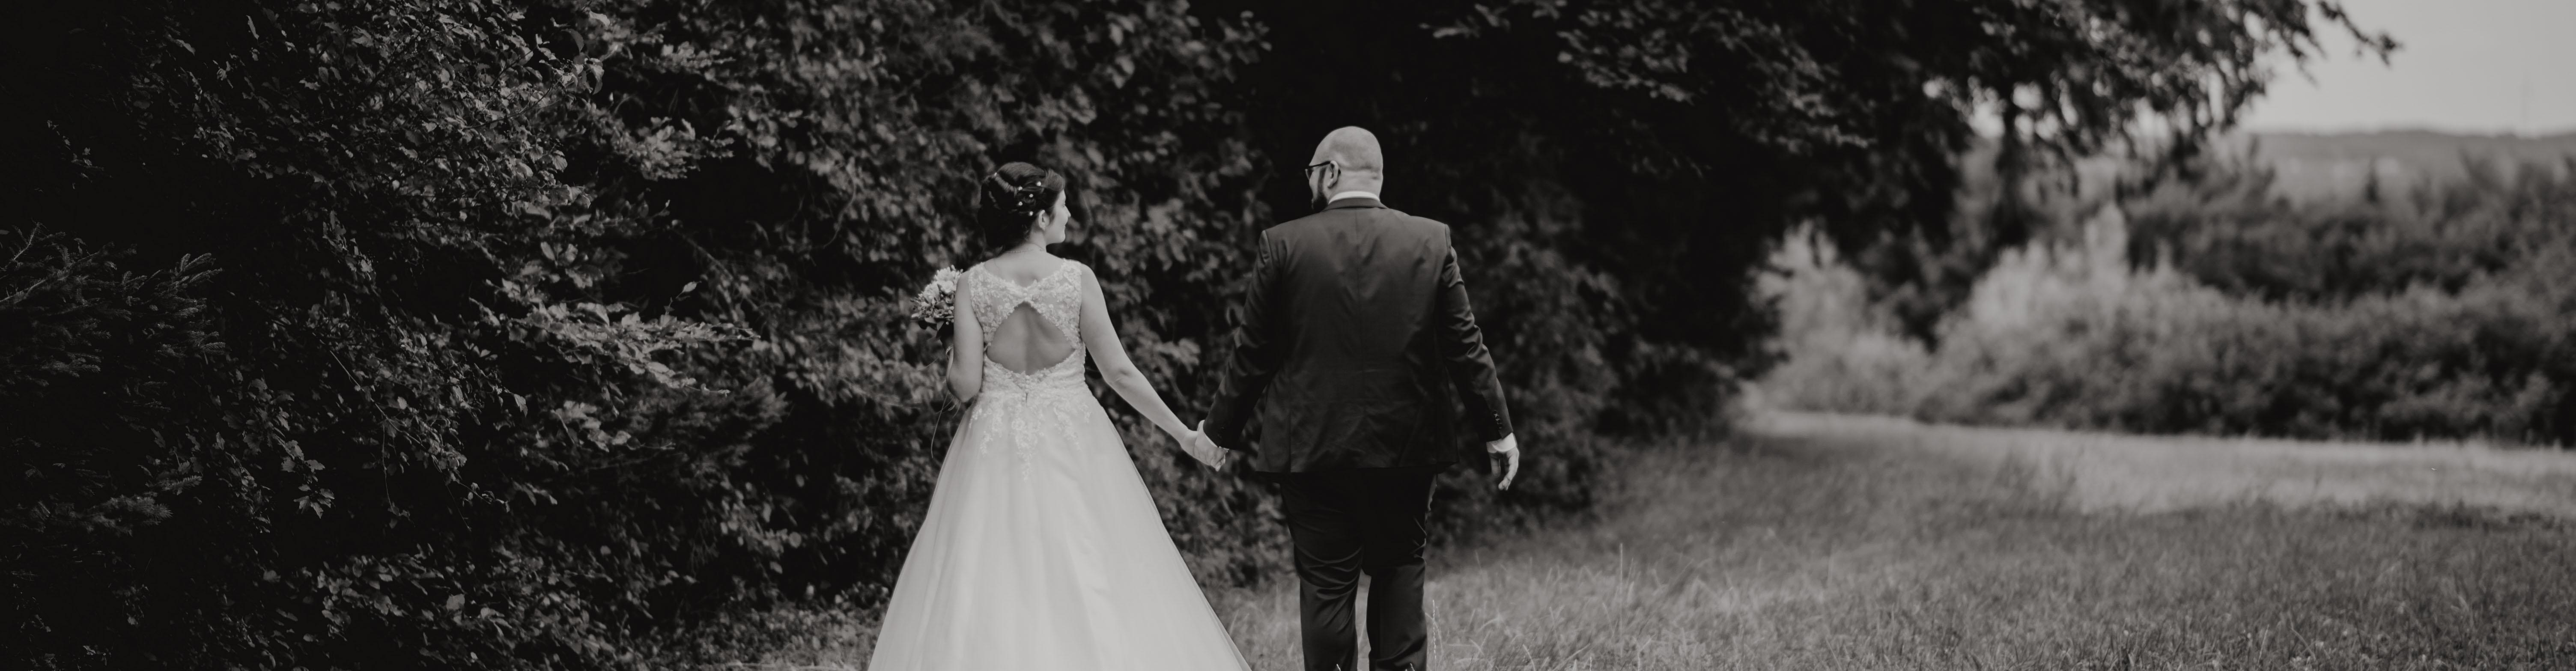 Hochzeitsfotografie - Hochzeitsfotografin aus Franken - Lisa Doneff - Lichtblicke Fotografie